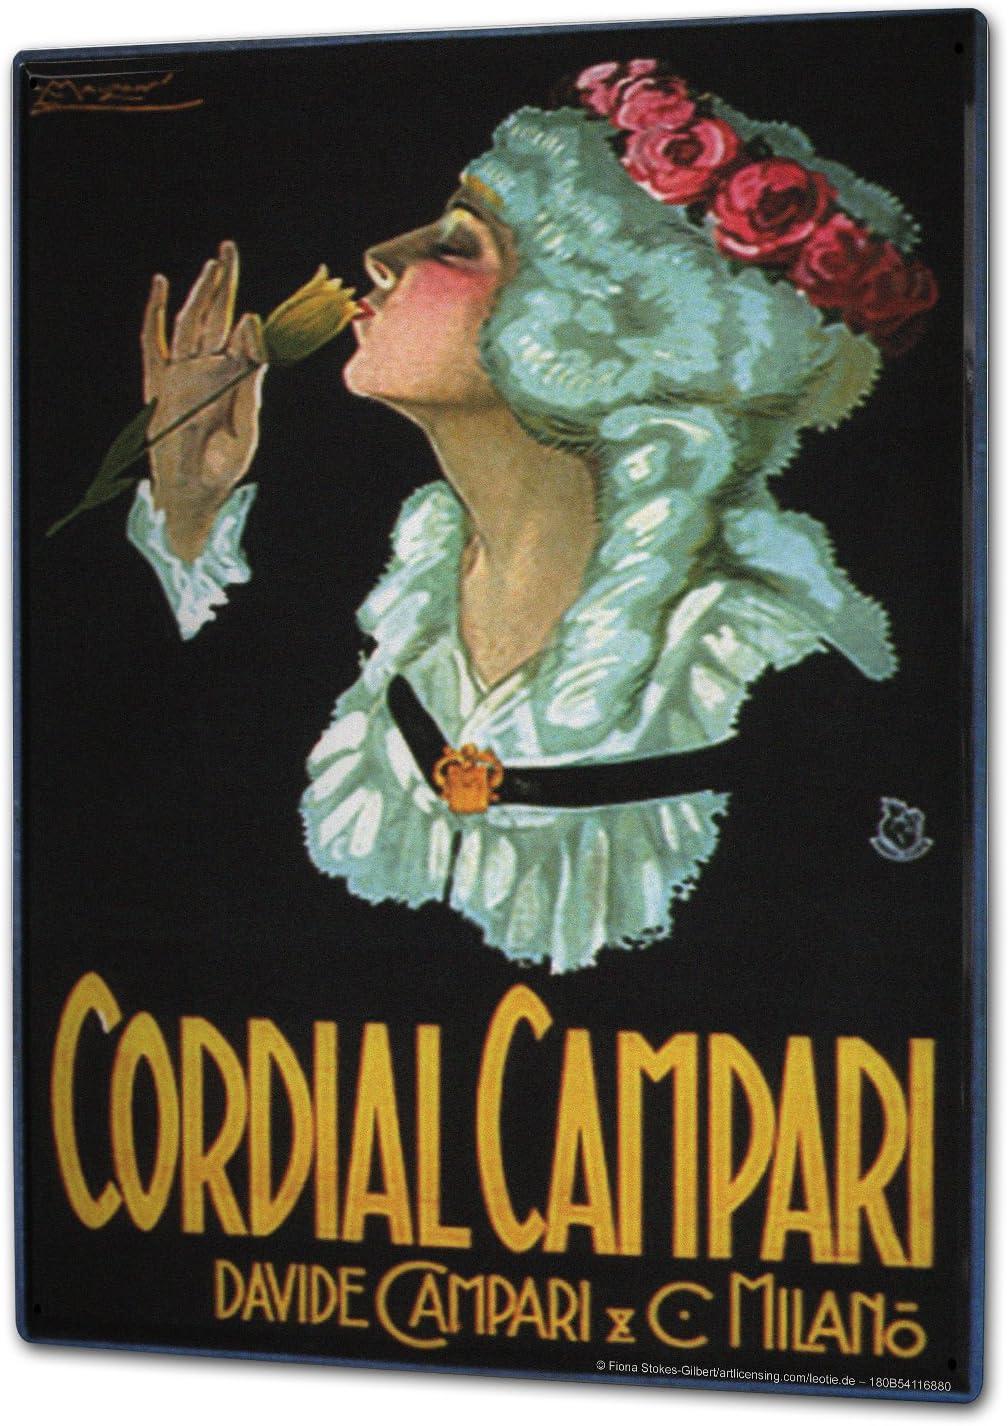 LEotiE SINCE 2004 Plaque en M/étal M/étallique Poster Mural tin Sign 40x30 cm Alcool Retro Campari Bar Pub Restaurant